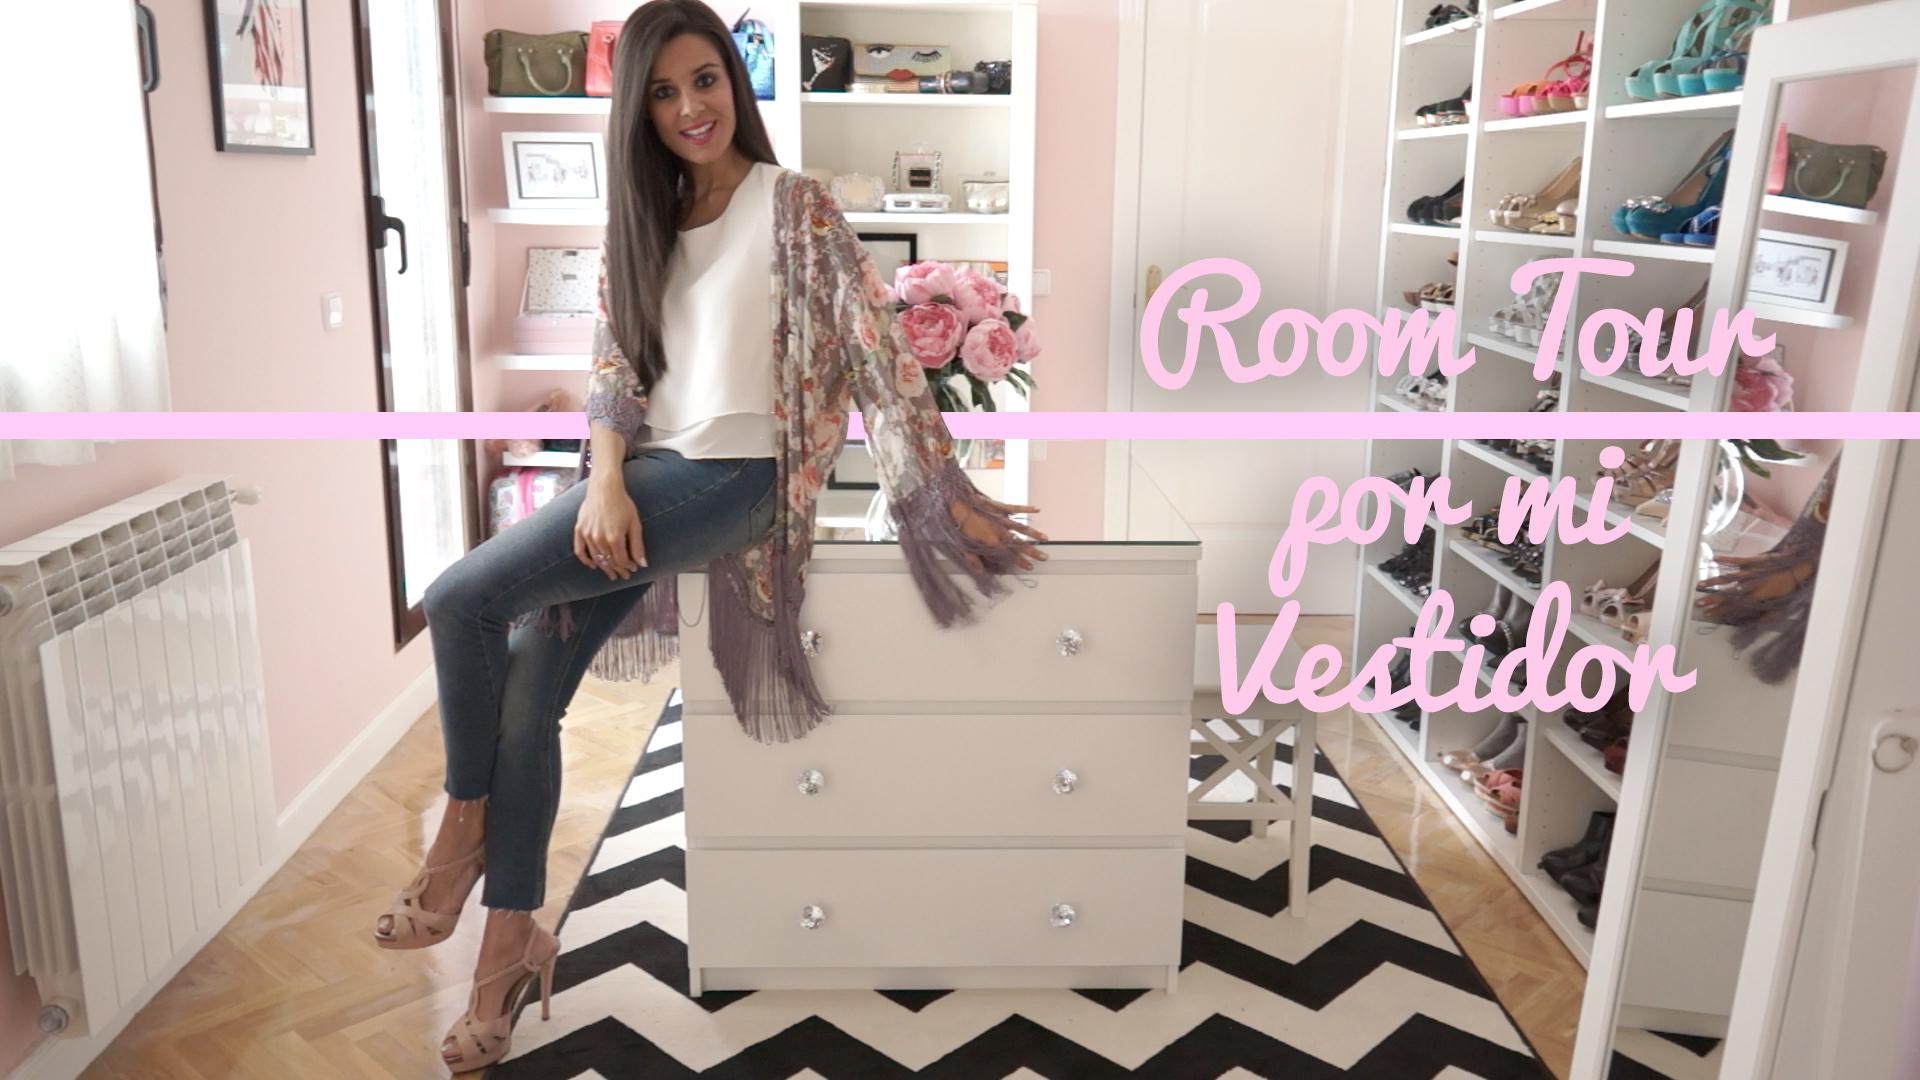 Room Tour por mi vestidor-12139-crimenesdelamoda